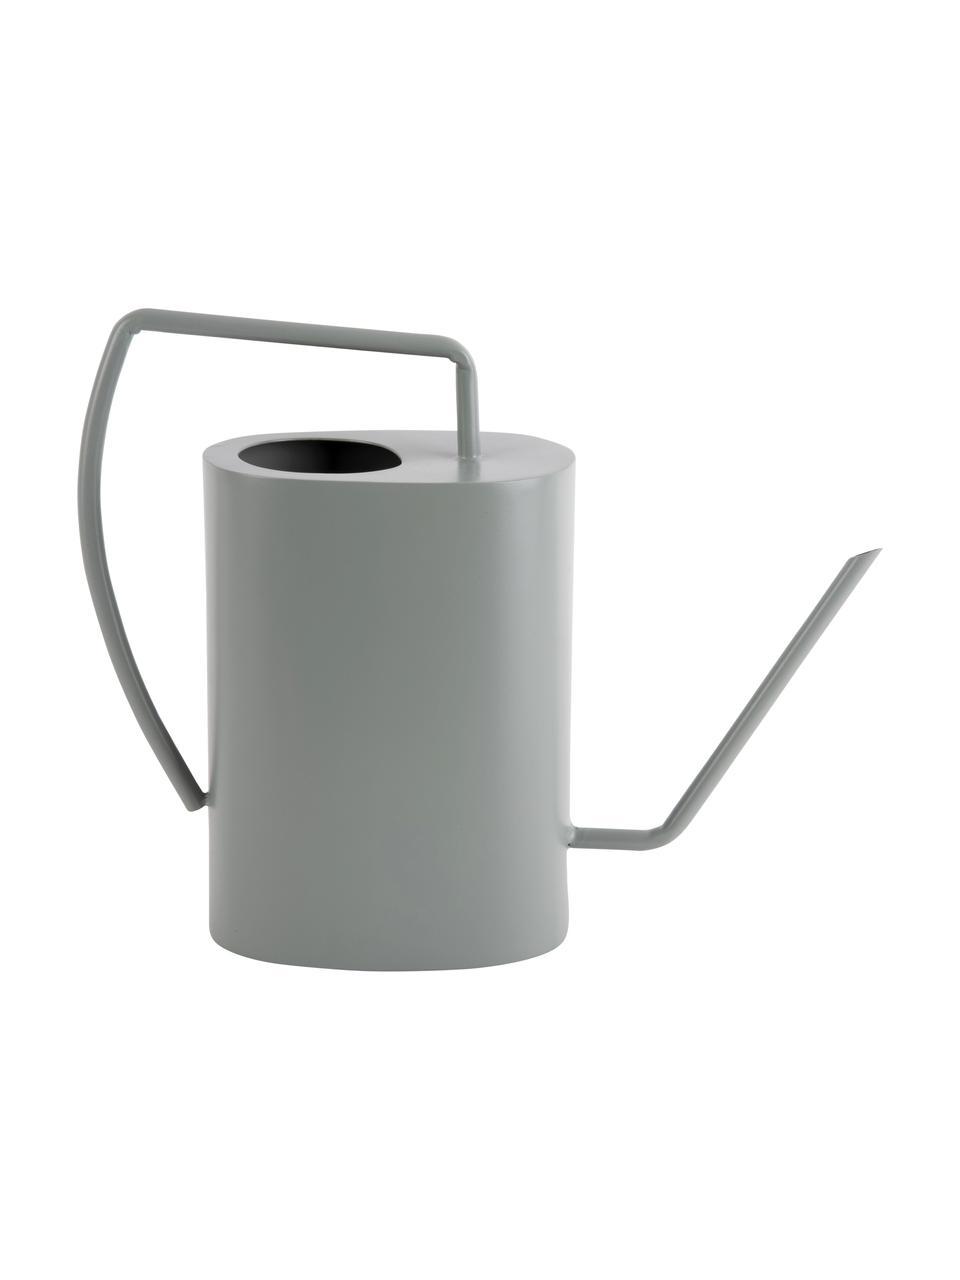 Deko-Gießkanne Grace, Metall, beschichtet, Grün, 33 x 27 cm